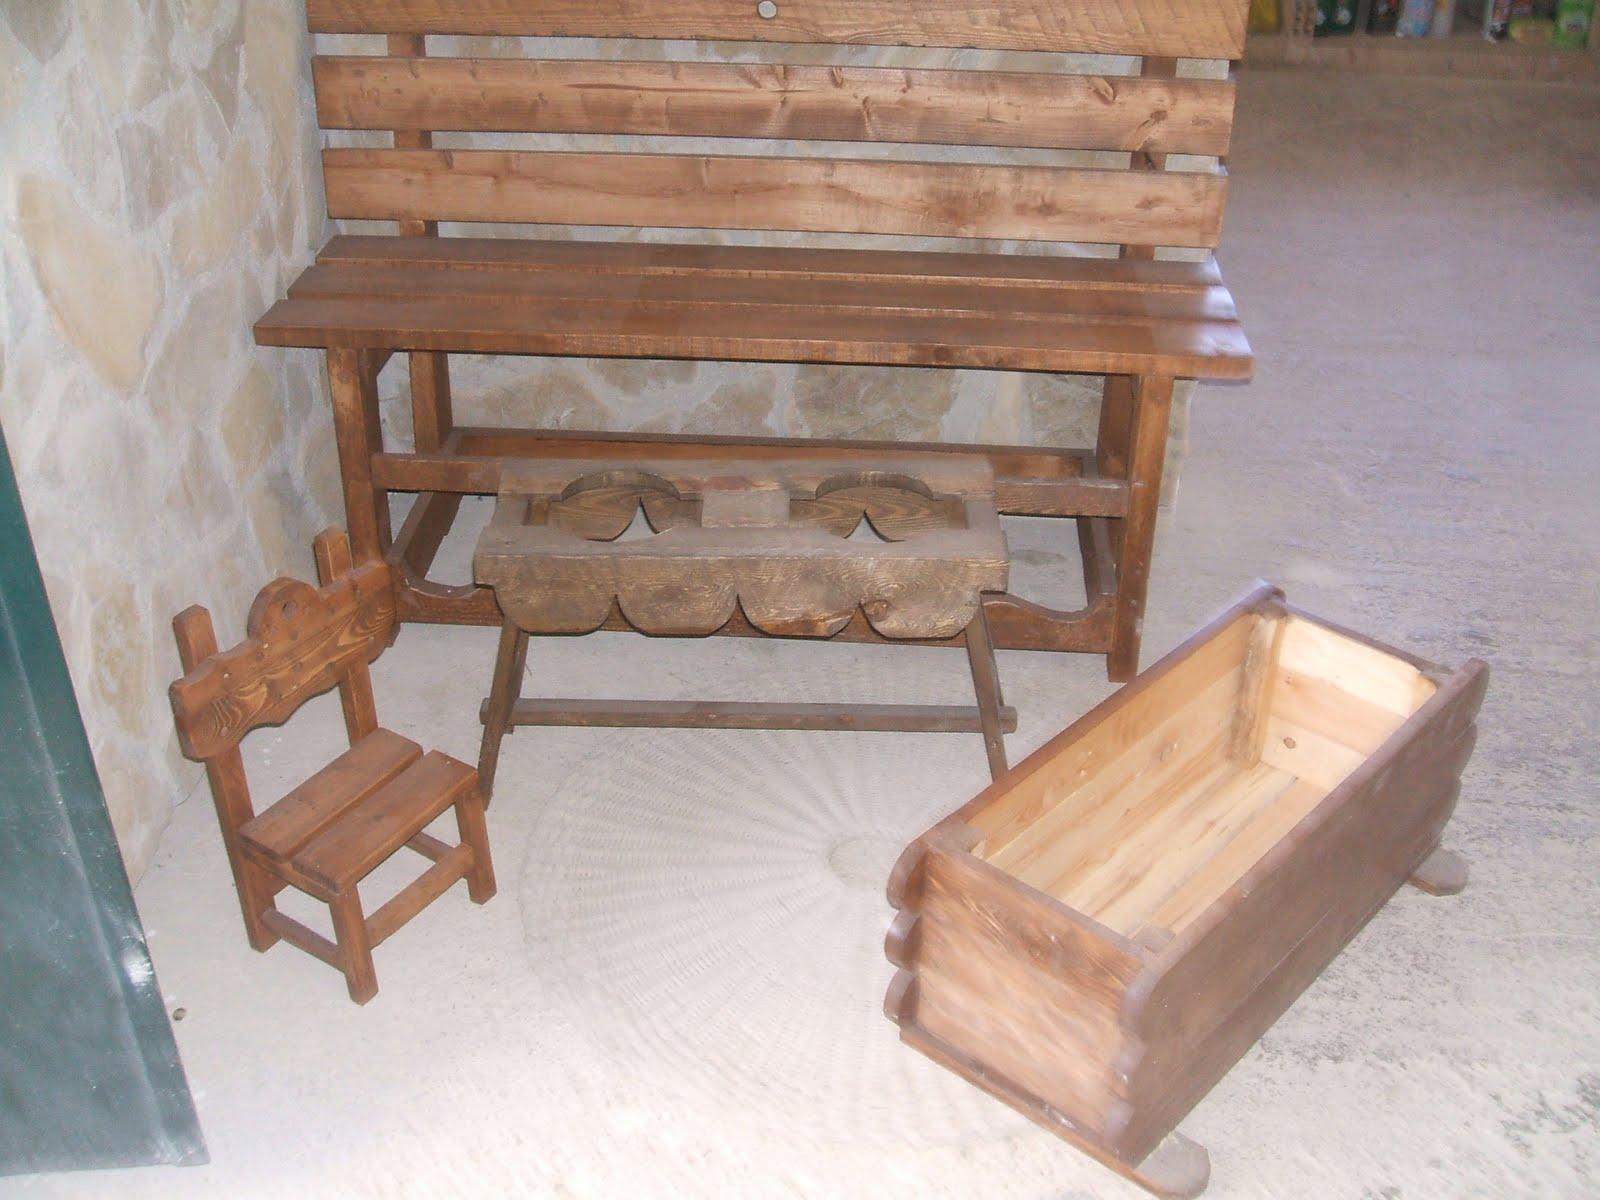 Manuel palet de madera estos son mis trabajos con palet - Madera de palet ...